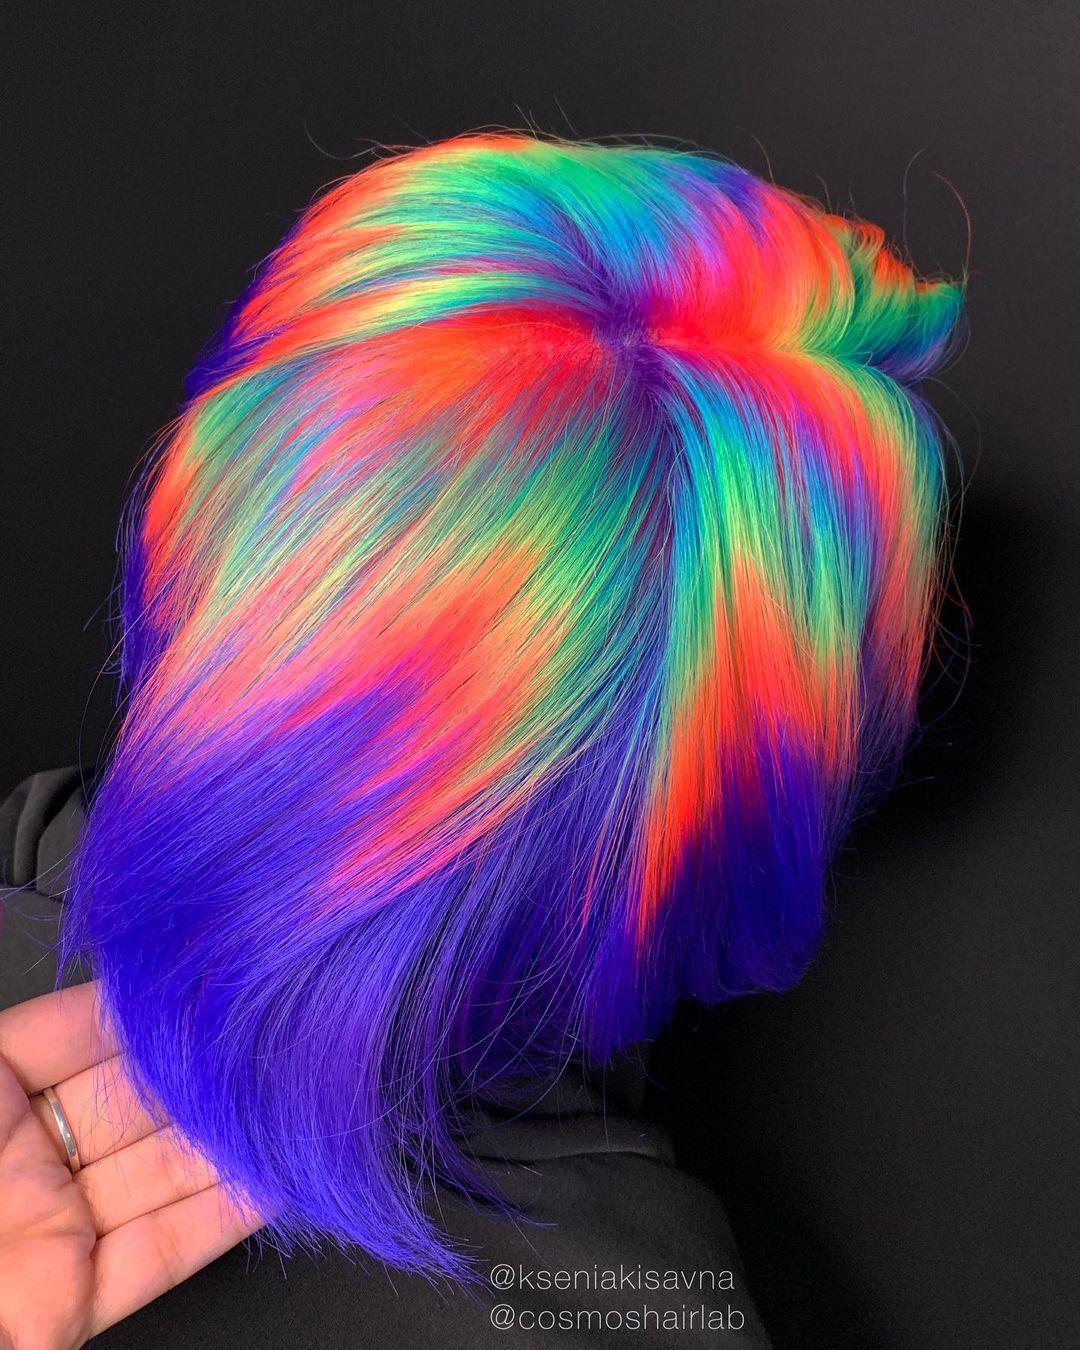 cabello arcoiris